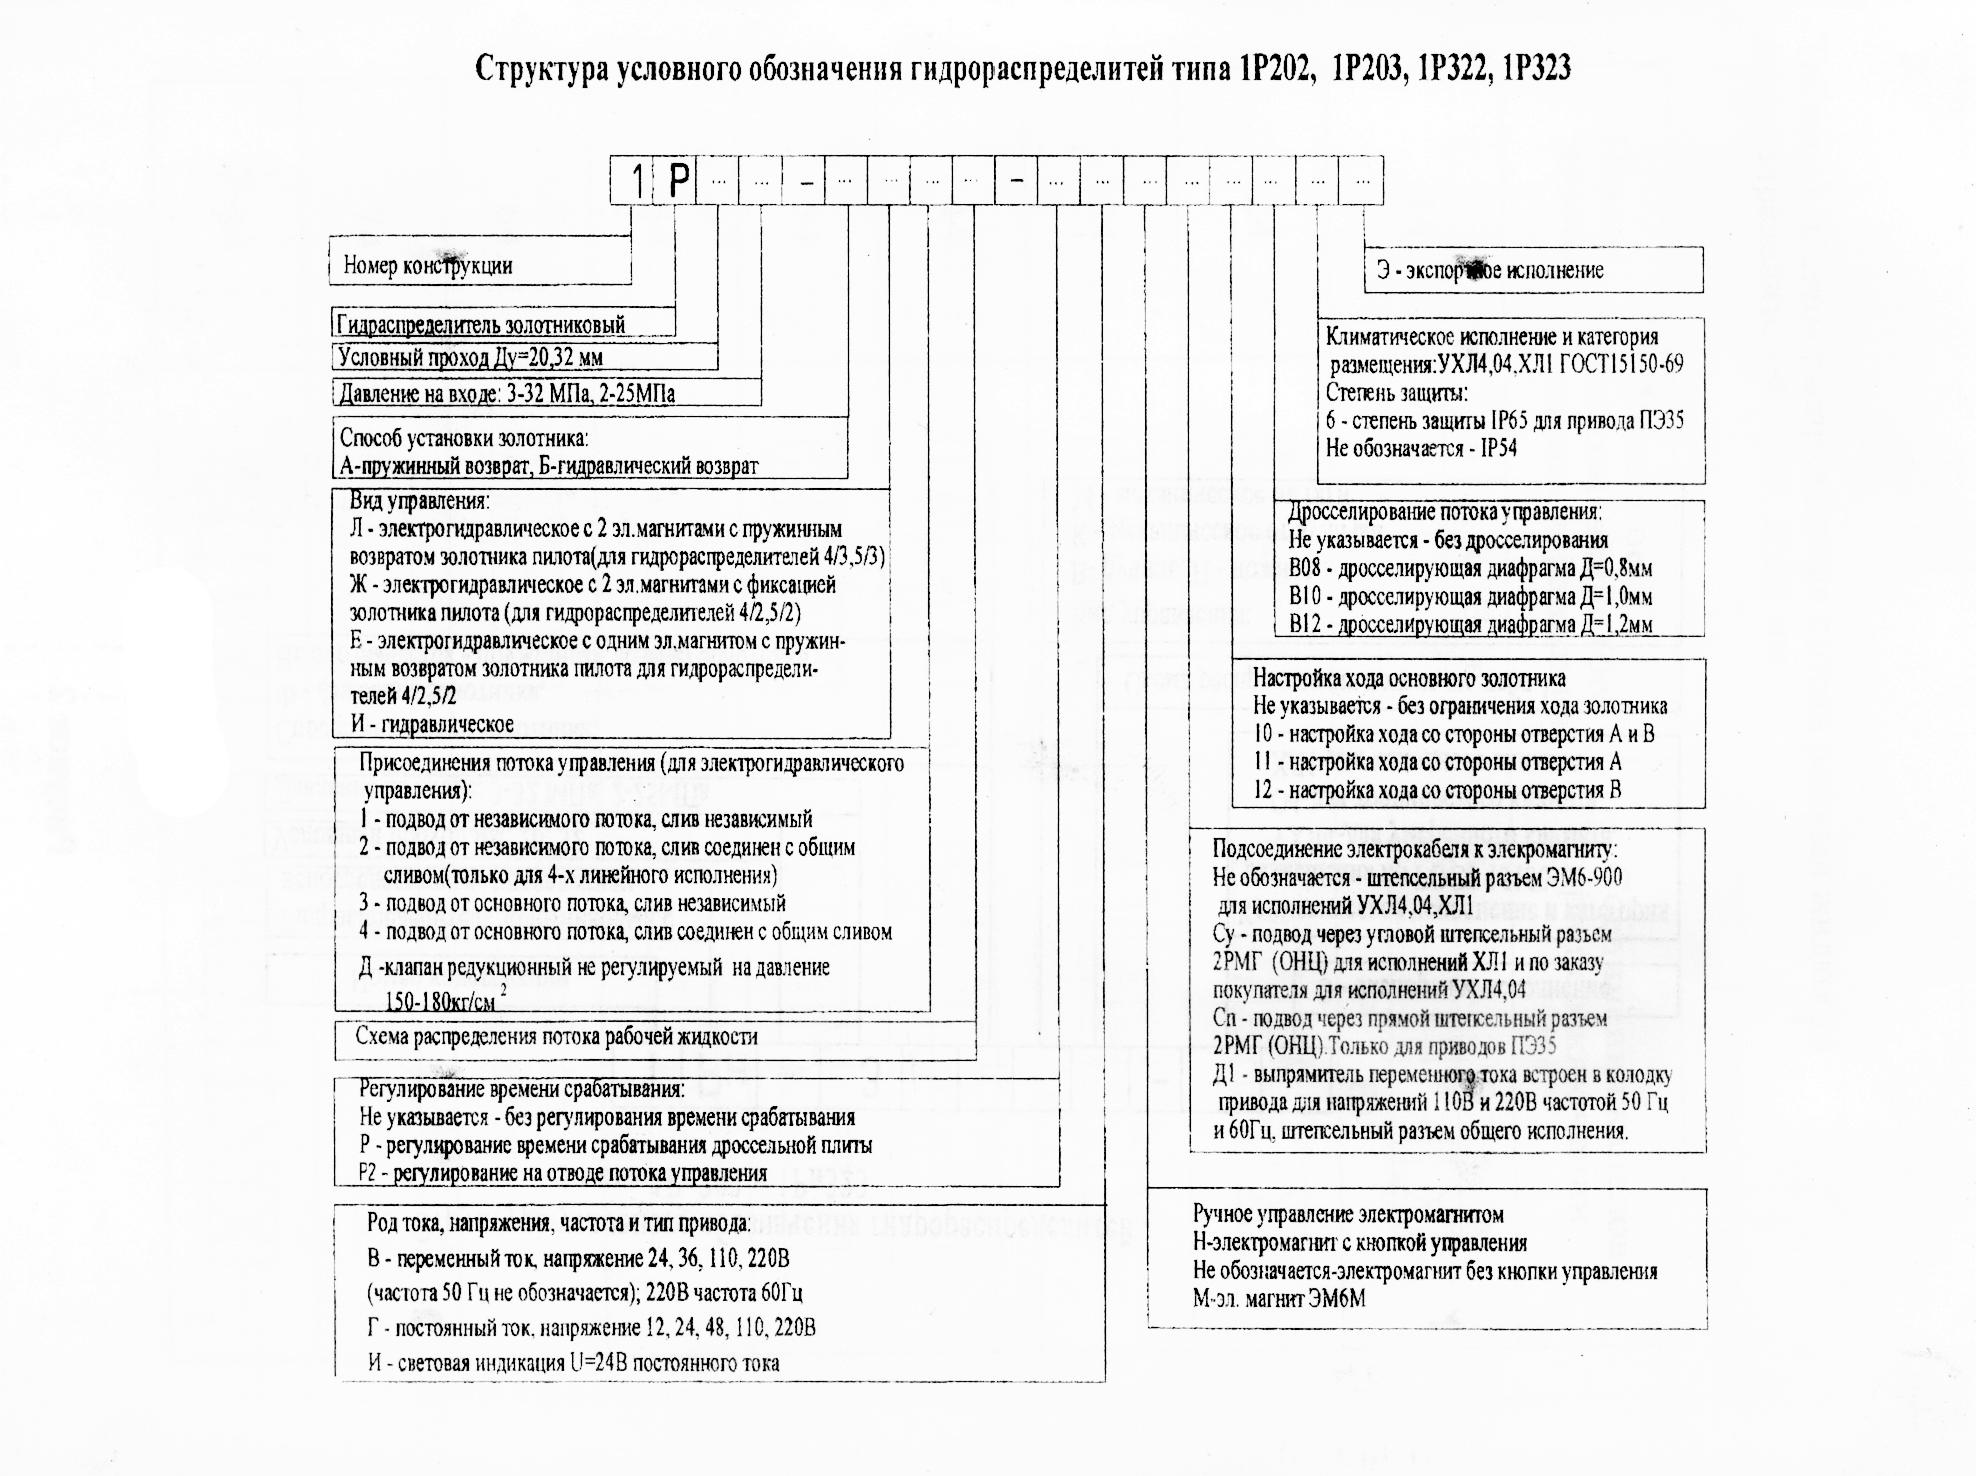 Структура условного обозначения Гидрораспределитель 1Р202 1Р203 1Р322 1Р323 1Рн203 1Рн323